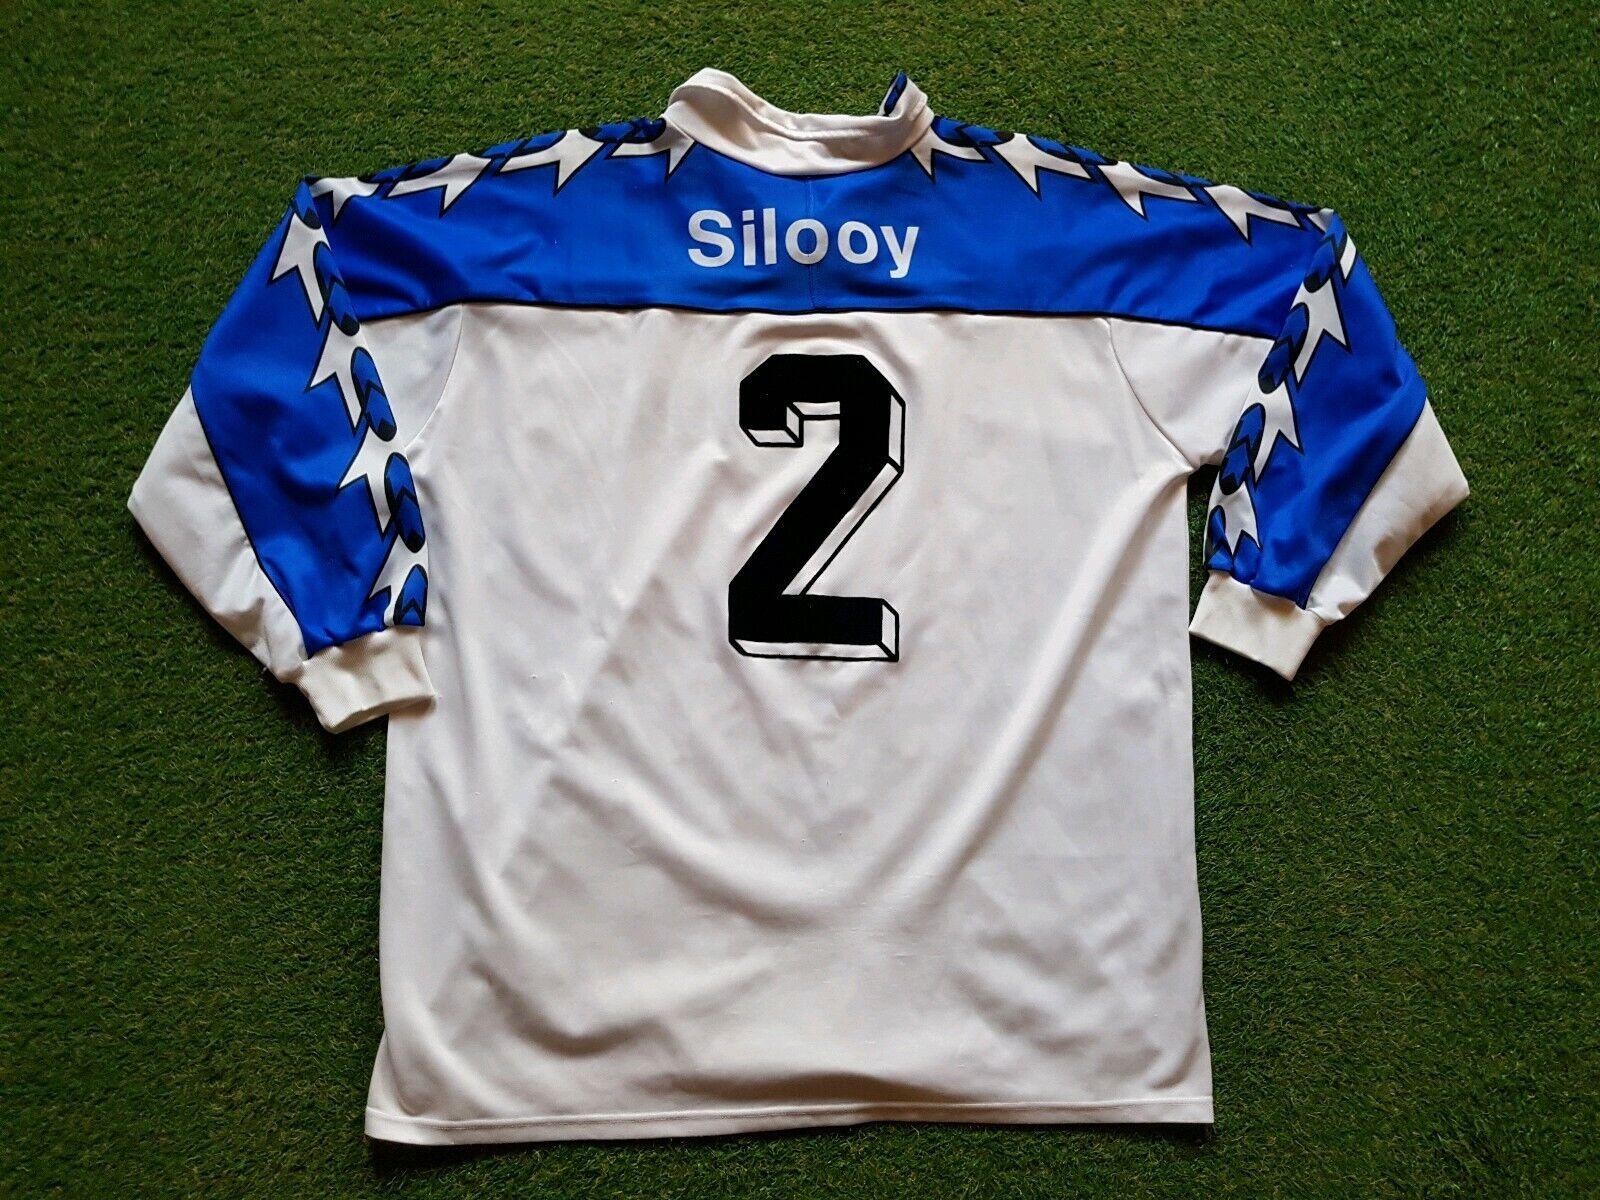 Arminia Bielefeld Maglia XL XXL Reusch 1996 1997 Shirt Jersey Gerry Weber Silooy